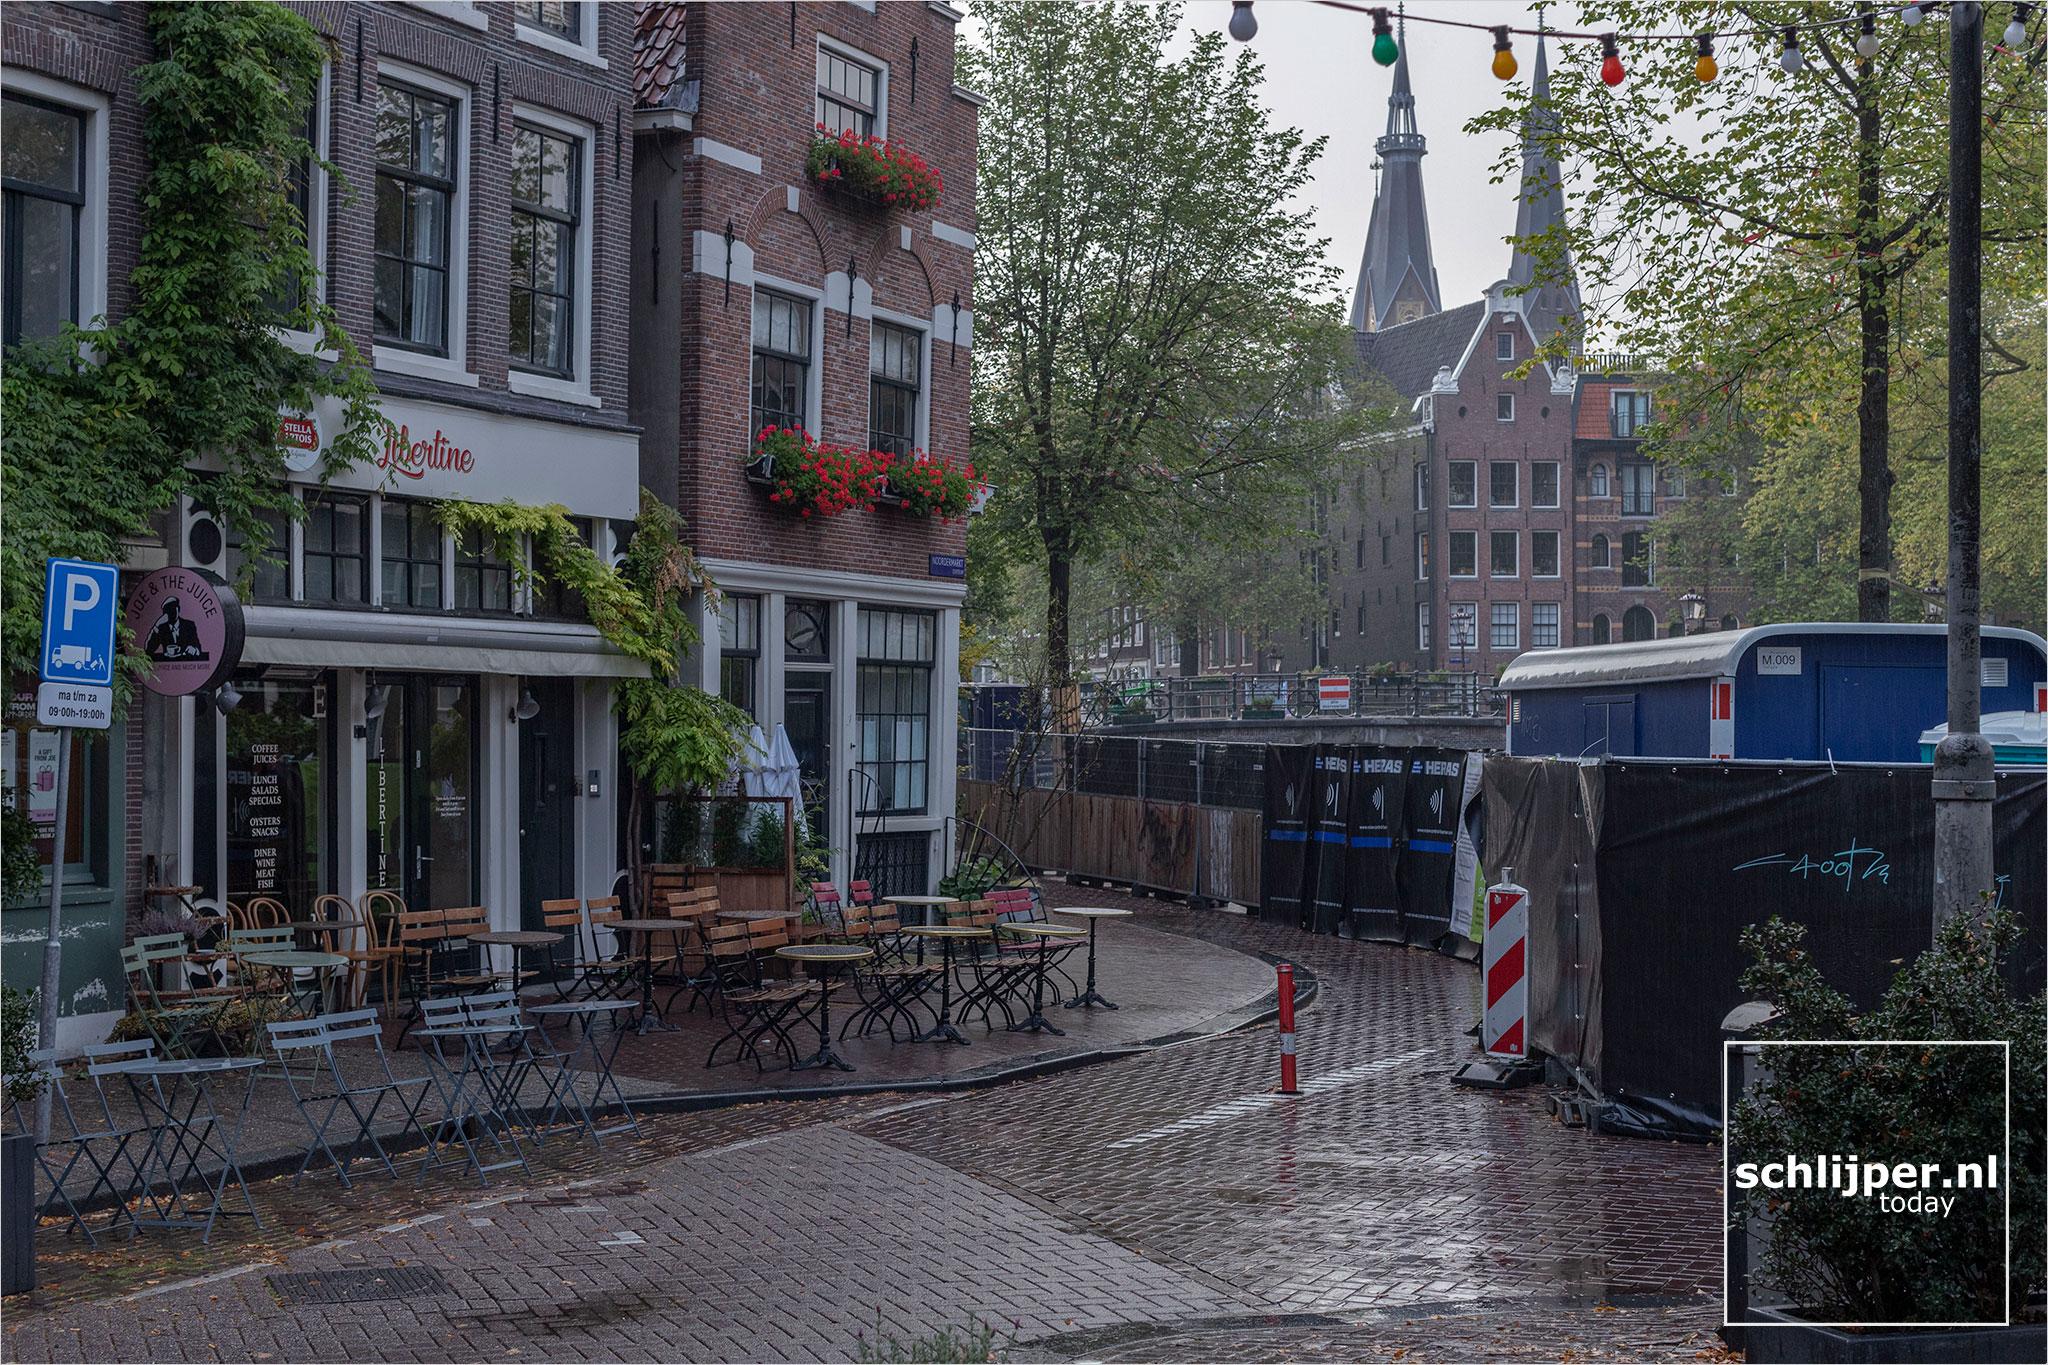 The Netherlands, Amsterdam, 26 september 2021